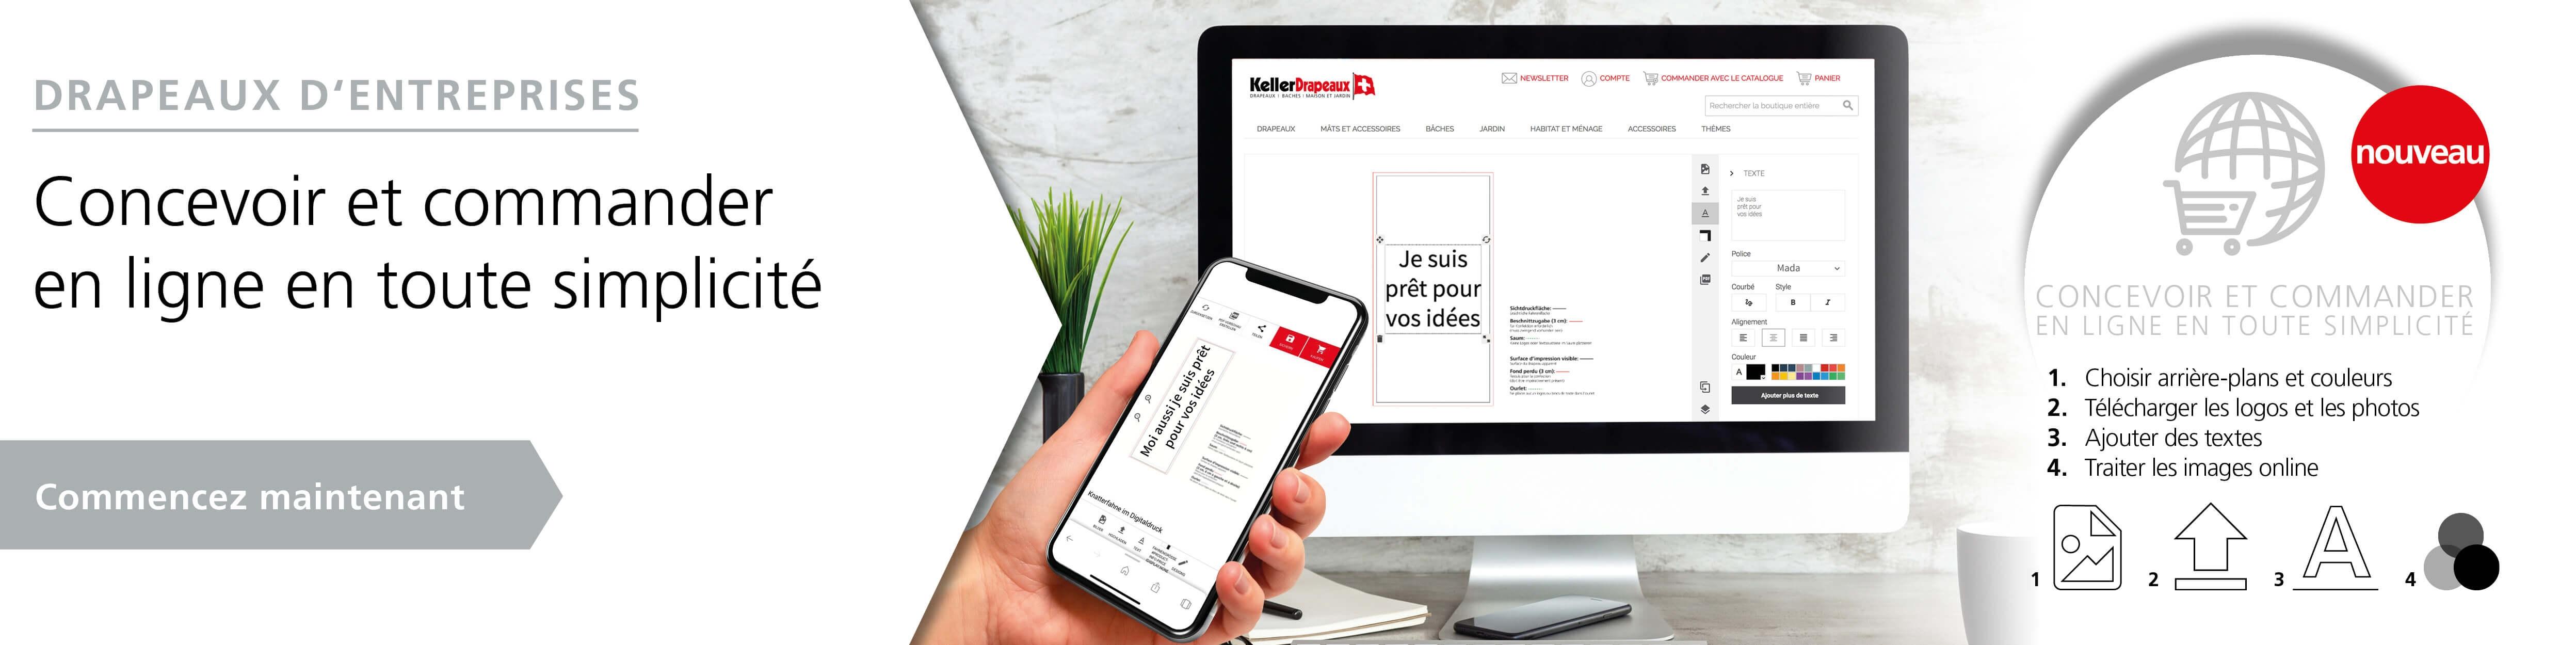 Drapeaux d' entreprises - concevoir et commander en ligne en tout simplicité